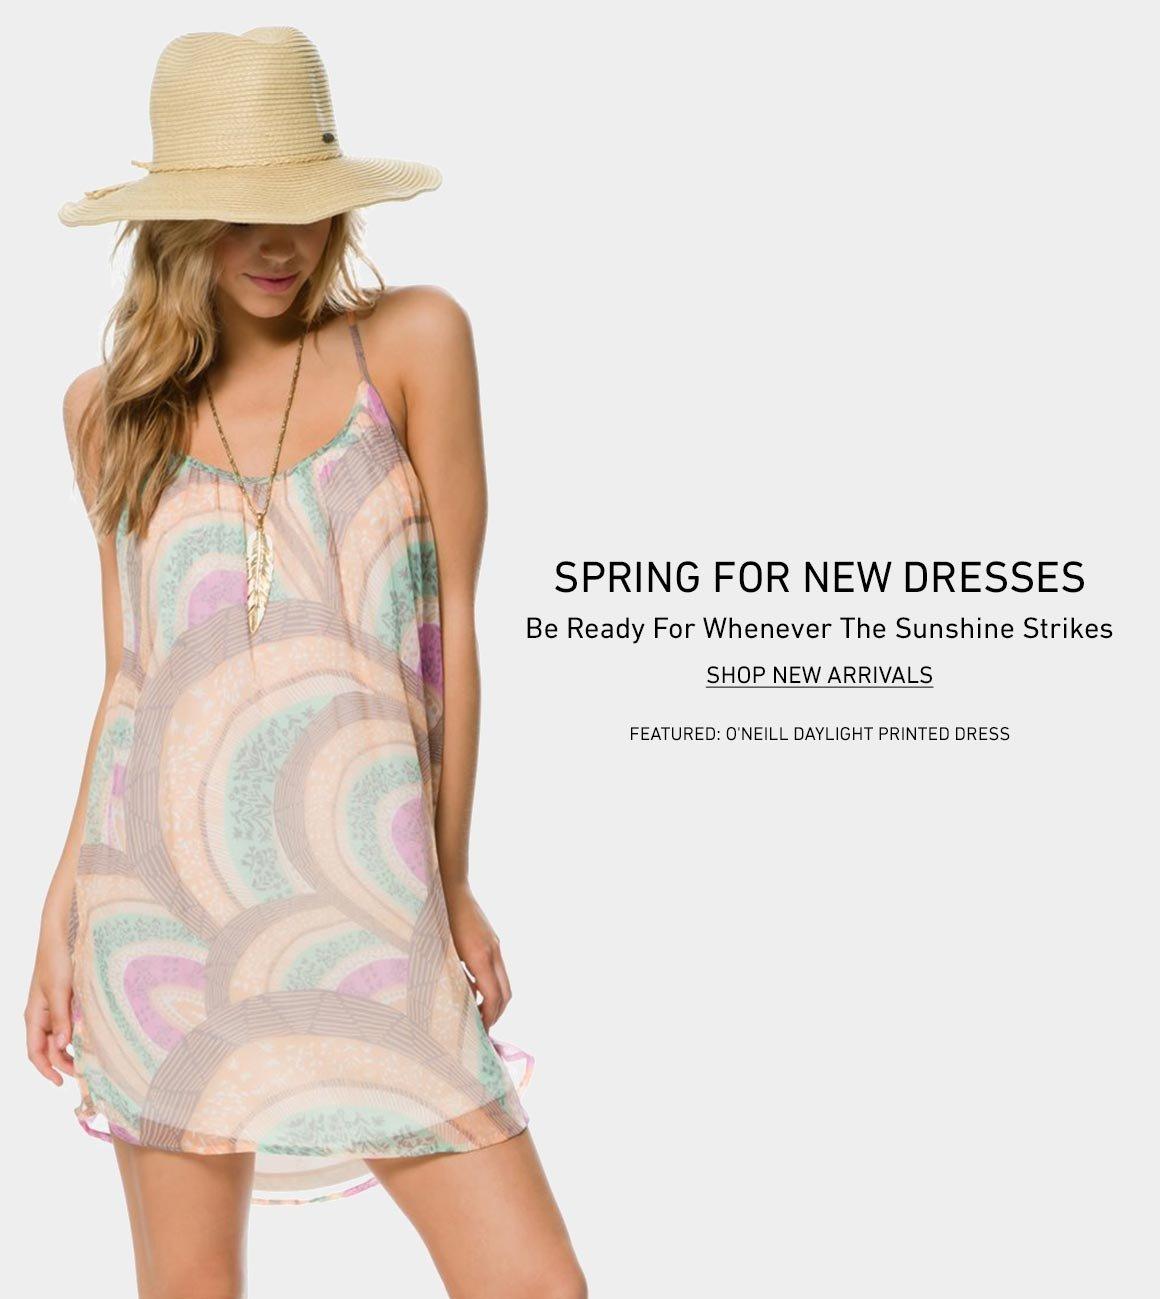 Spring For New Dresses